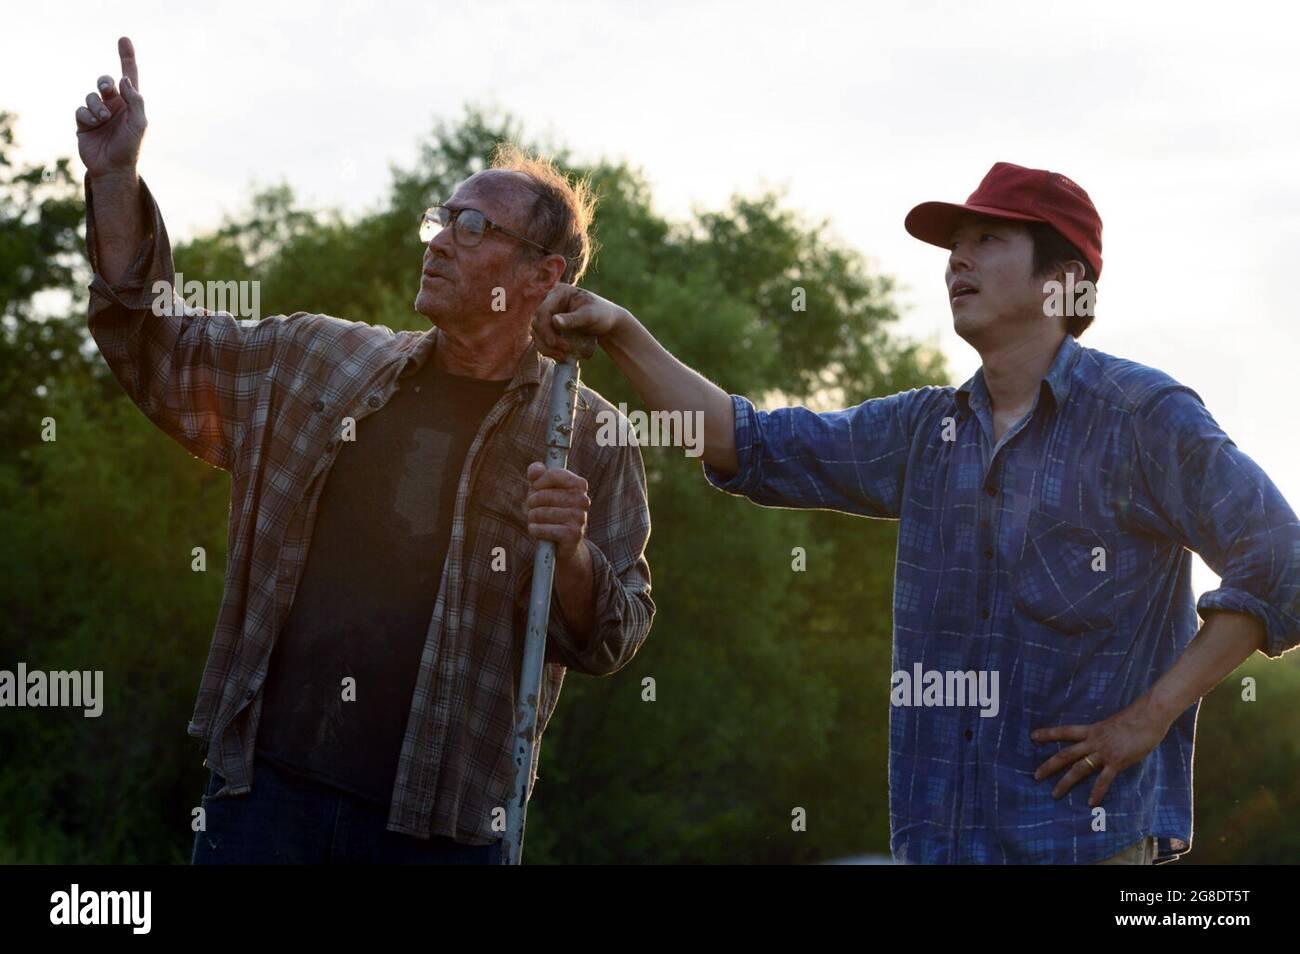 Minari ist ein amerikanischer Drama-Film aus dem Jahr 2020, der von Lee Isaac Chung geschrieben und Regie geführt wurde. Die Stars sind Steven Yeun, Han Ye-ri, Alan Kim, Noel Kate Cho, Youn Yuh-jung, Und will Patton. Eine semi-autobiographische Aufnahme von Chungs Erziehung, Dieses Foto ist nur für den redaktionellen Gebrauch bestimmt und unterliegt dem Copyright des Filmunternehmens und/oder des Fotografen, der vom Film- oder Produktionsunternehmen beauftragt wurde, und kann nur durch Publikationen im Zusammenhang mit der Bewerbung des oben genannten Films reproduziert werden. Eine obligatorische Gutschrift an das Filmunternehmen ist erforderlich. Der Fotograf sollte auch bei Bekanntwerden des Fotos gutgeschrieben werden. Stockfoto